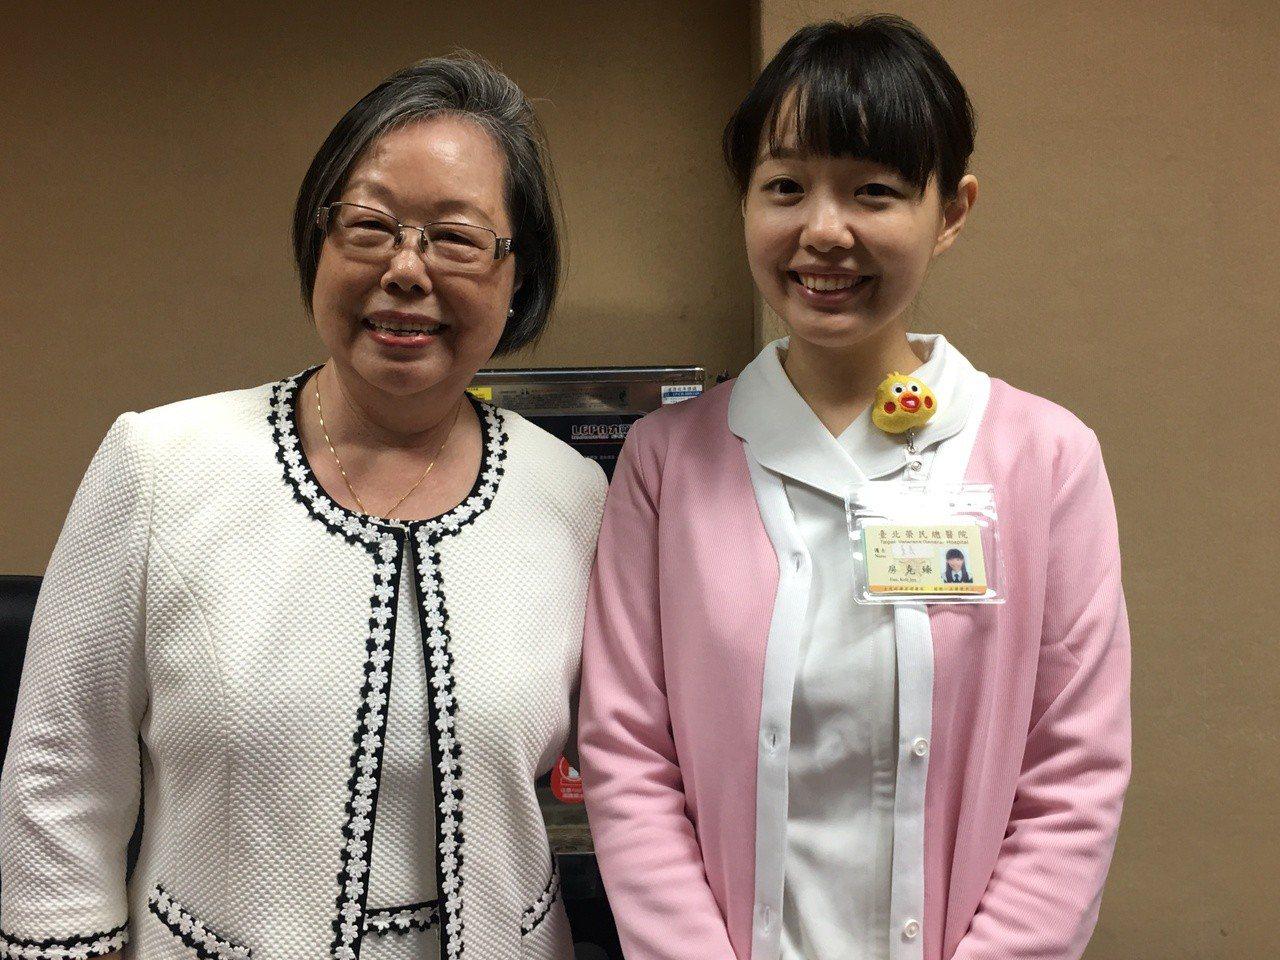 台北榮總的母女護理檔何海珠(左)及小女兒房克臻(右)。記者鄧桂芬/攝影